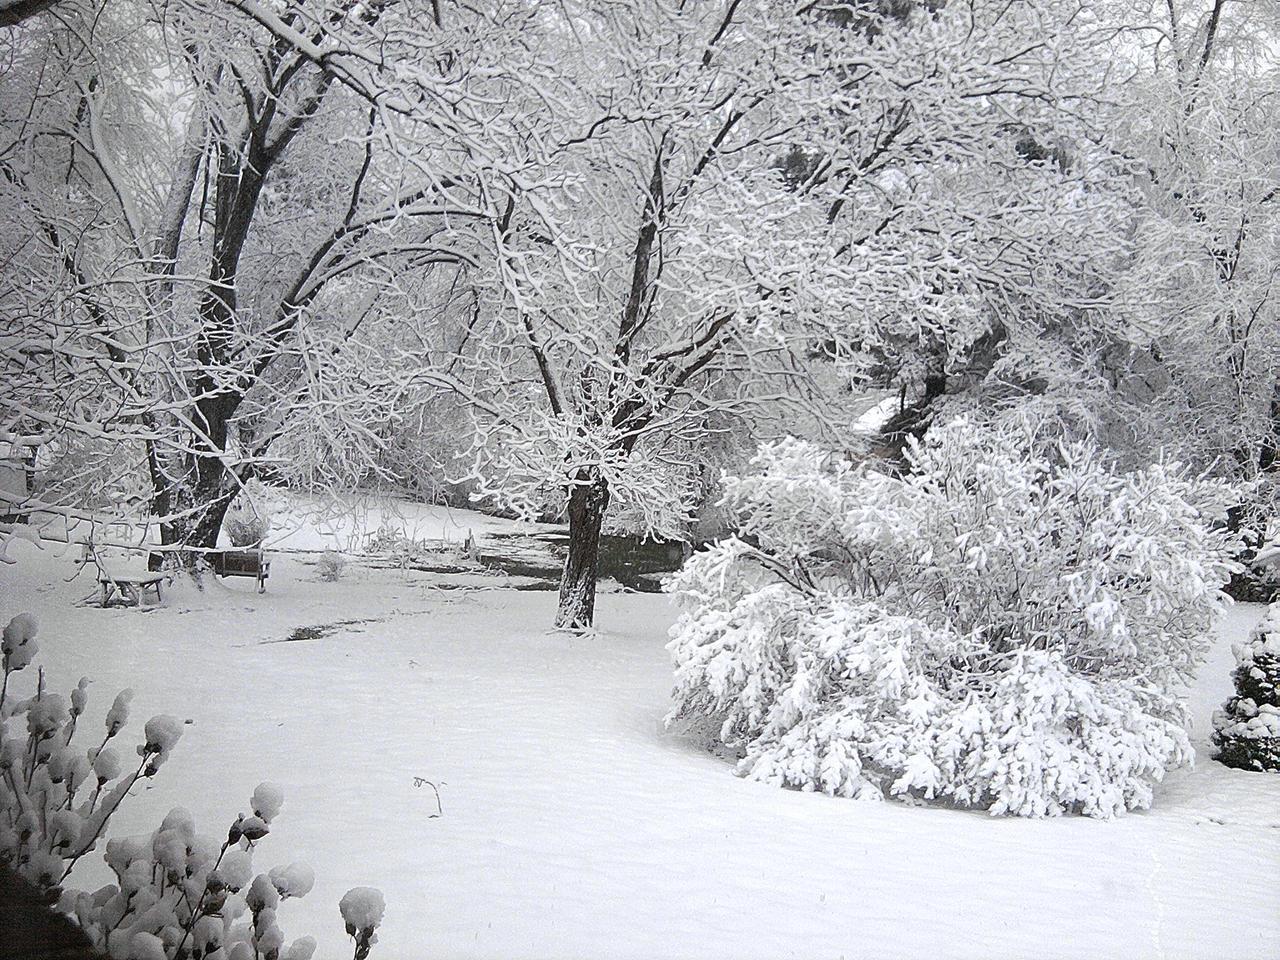 My Personal Winter Wonderland by VioletLiliez